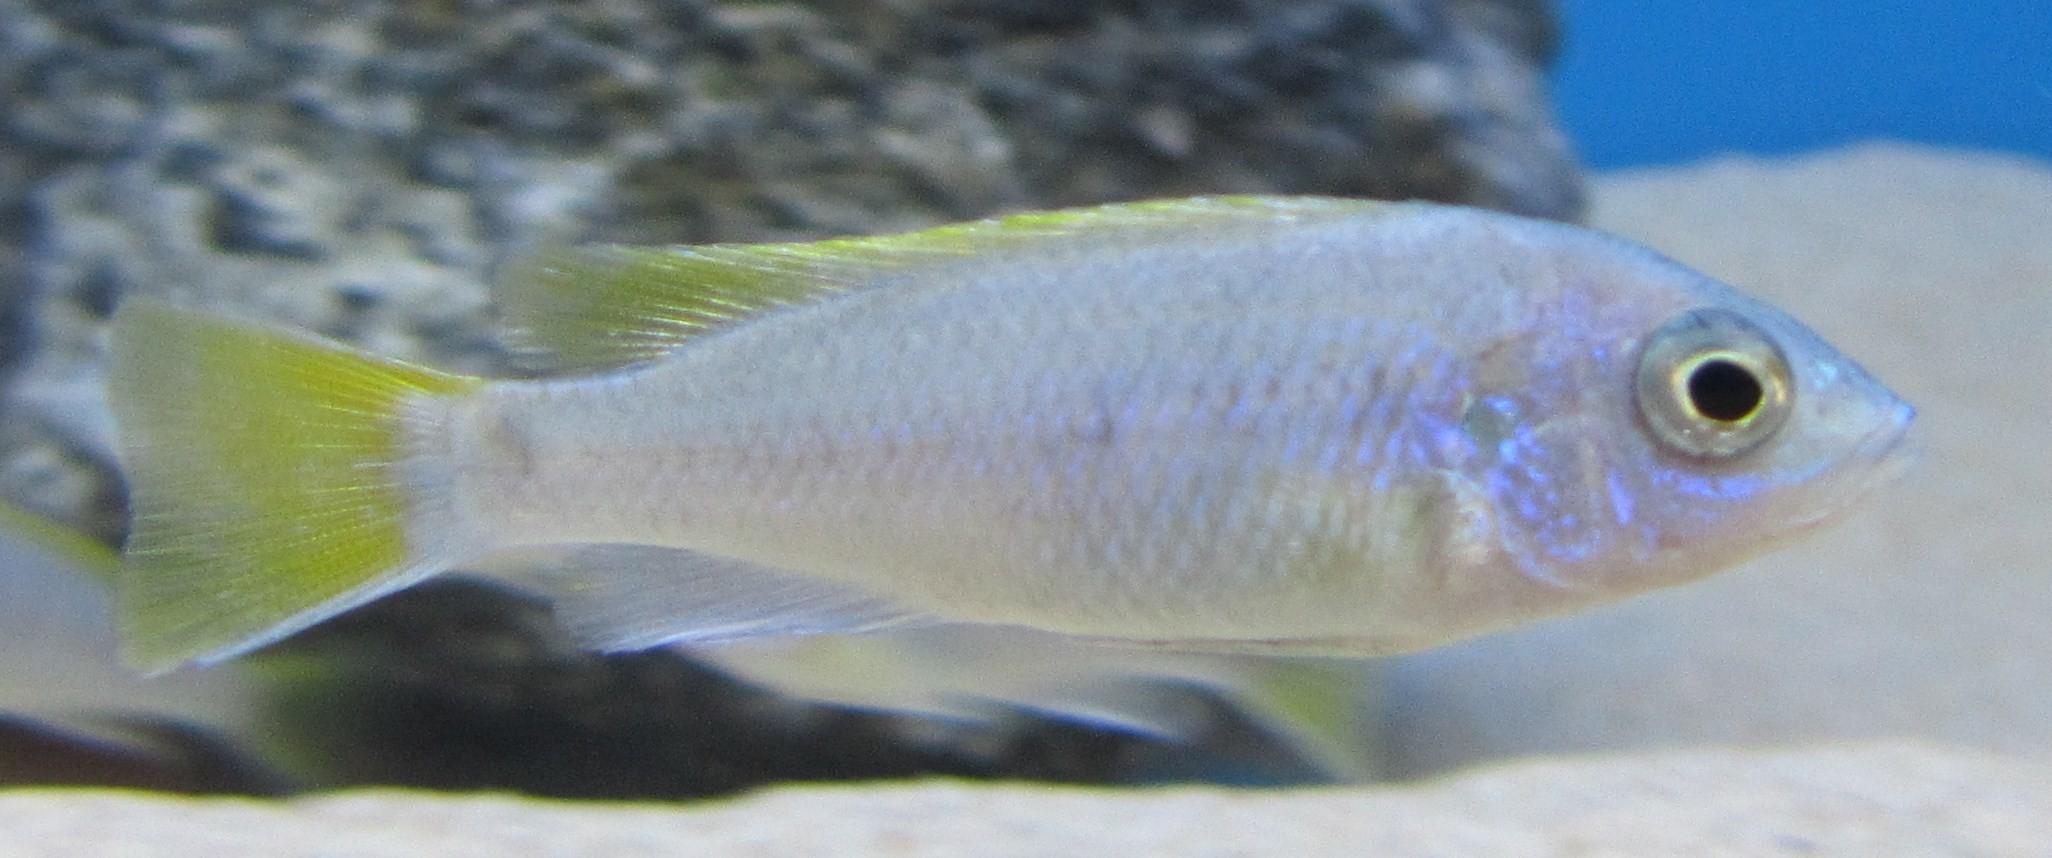 Pseudotropheus acei yellowtail